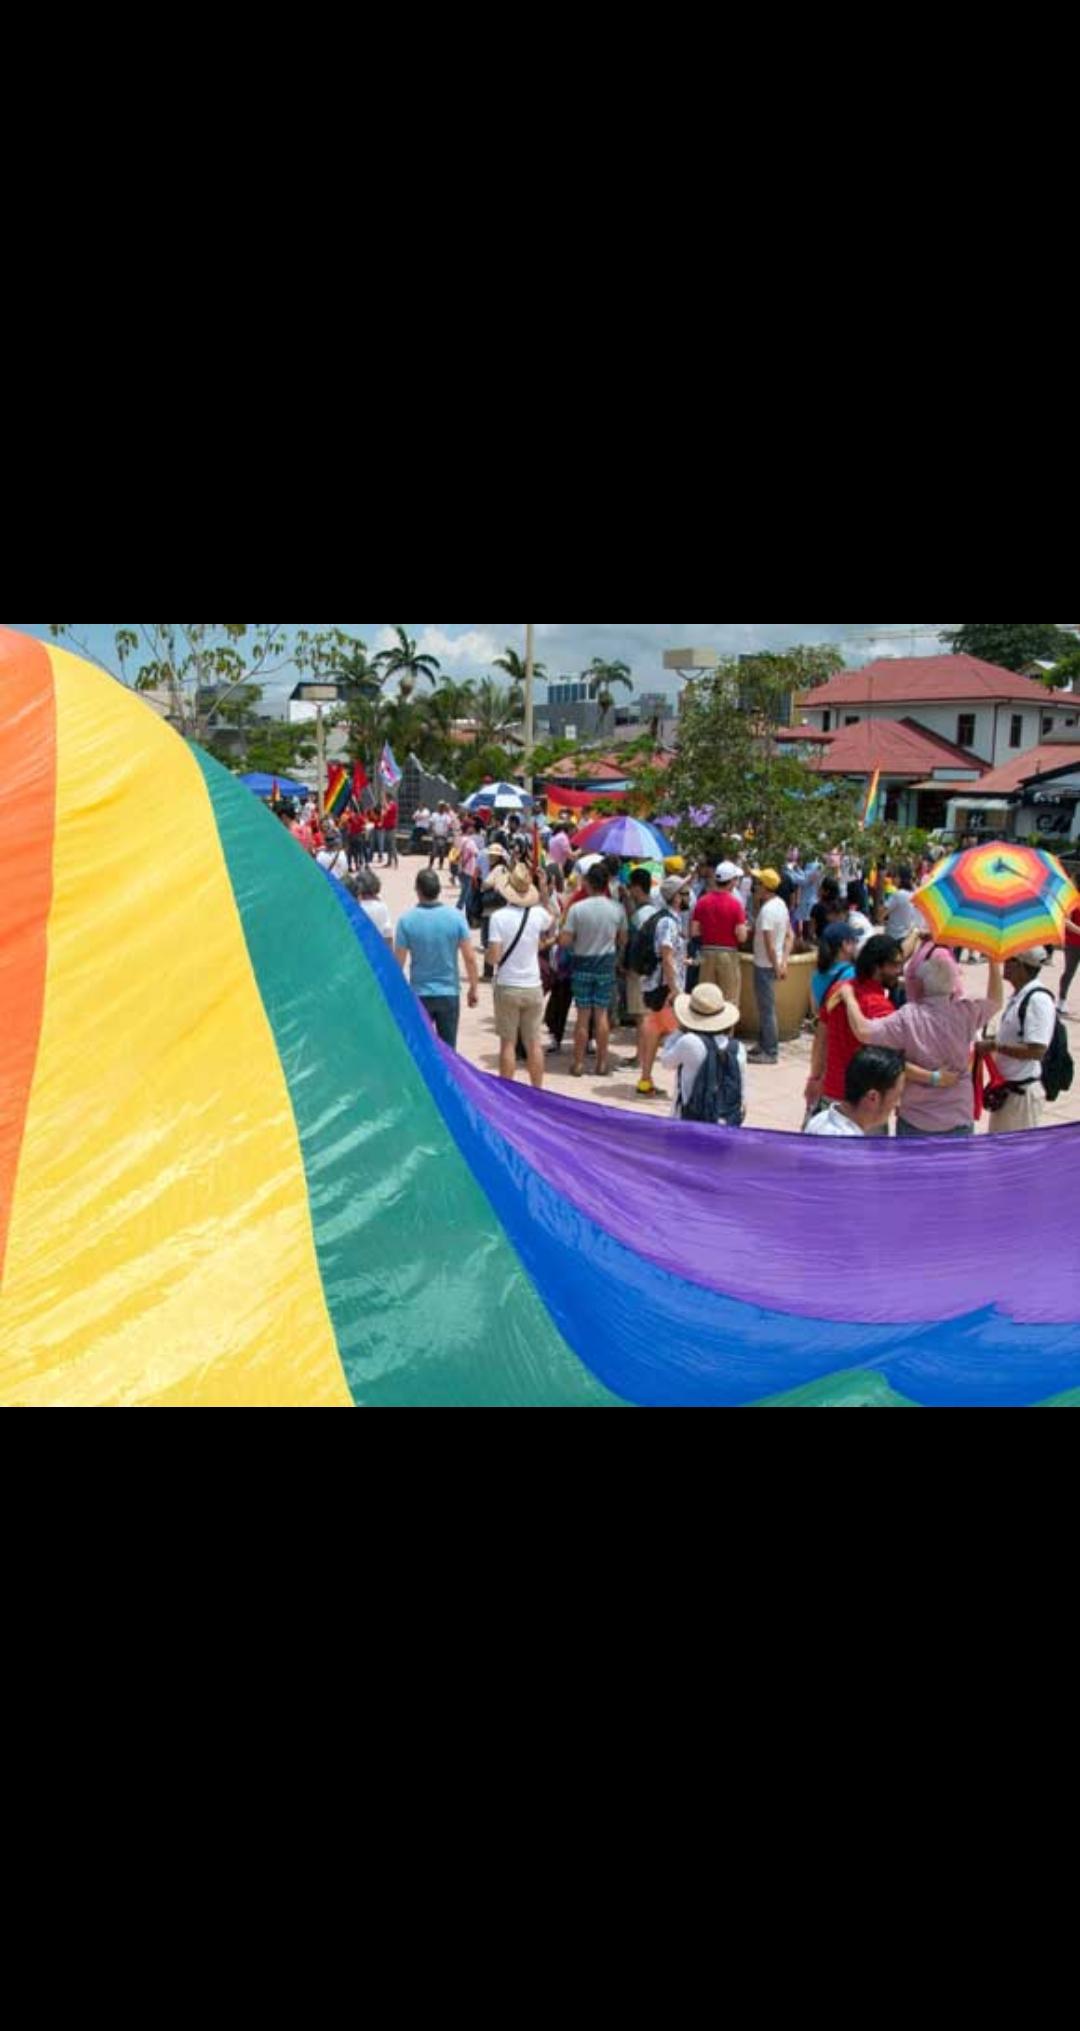 في اول سابقة من نوعها في العالم زواج مثلي بين امراتين تفاصيل مدهشه